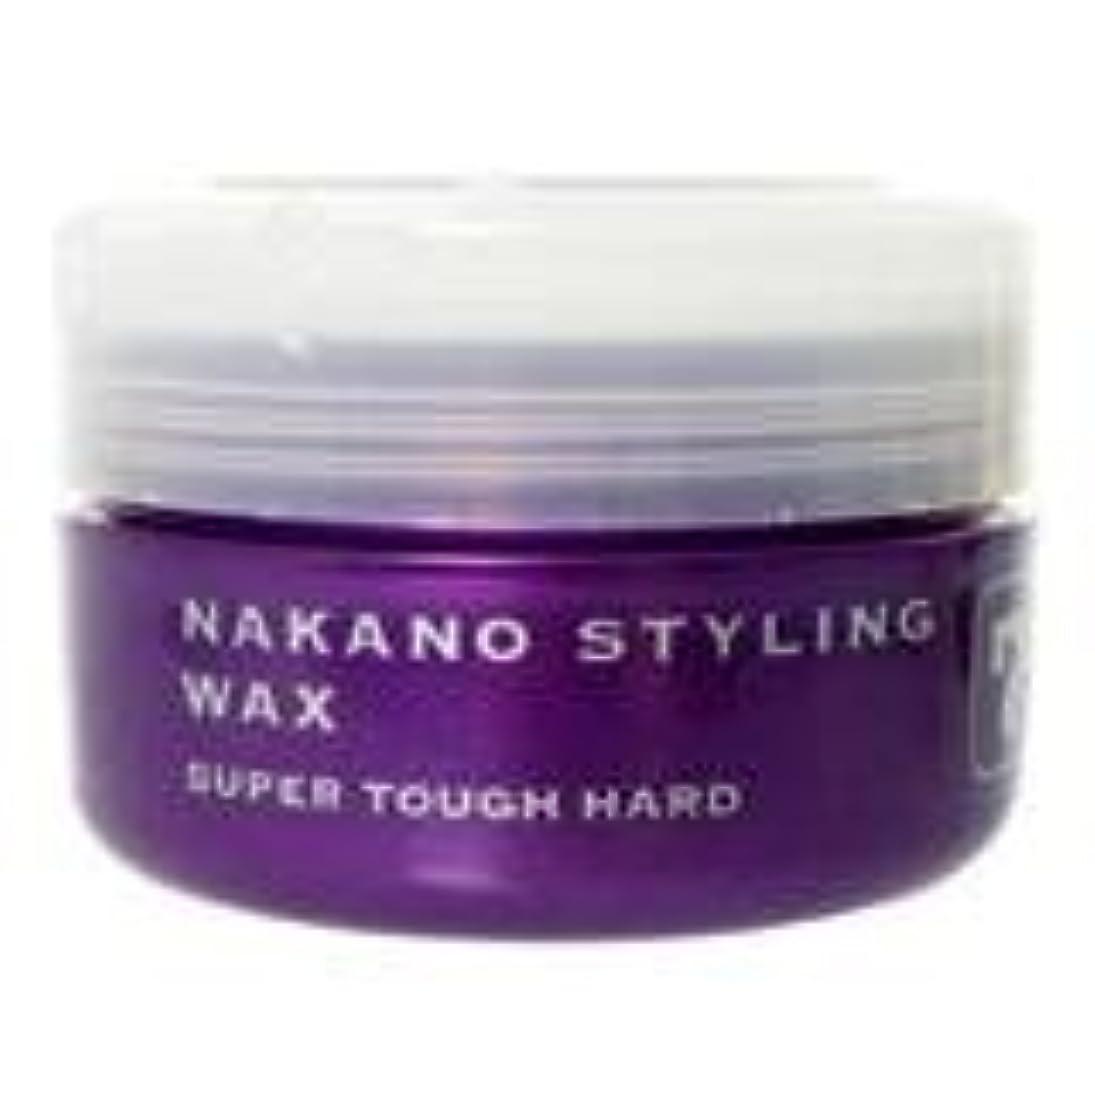 性差別キャプテンイタリアのナカノ スタイリングワックス 7 スーパータフハード 90g 中野製薬 NAKANO